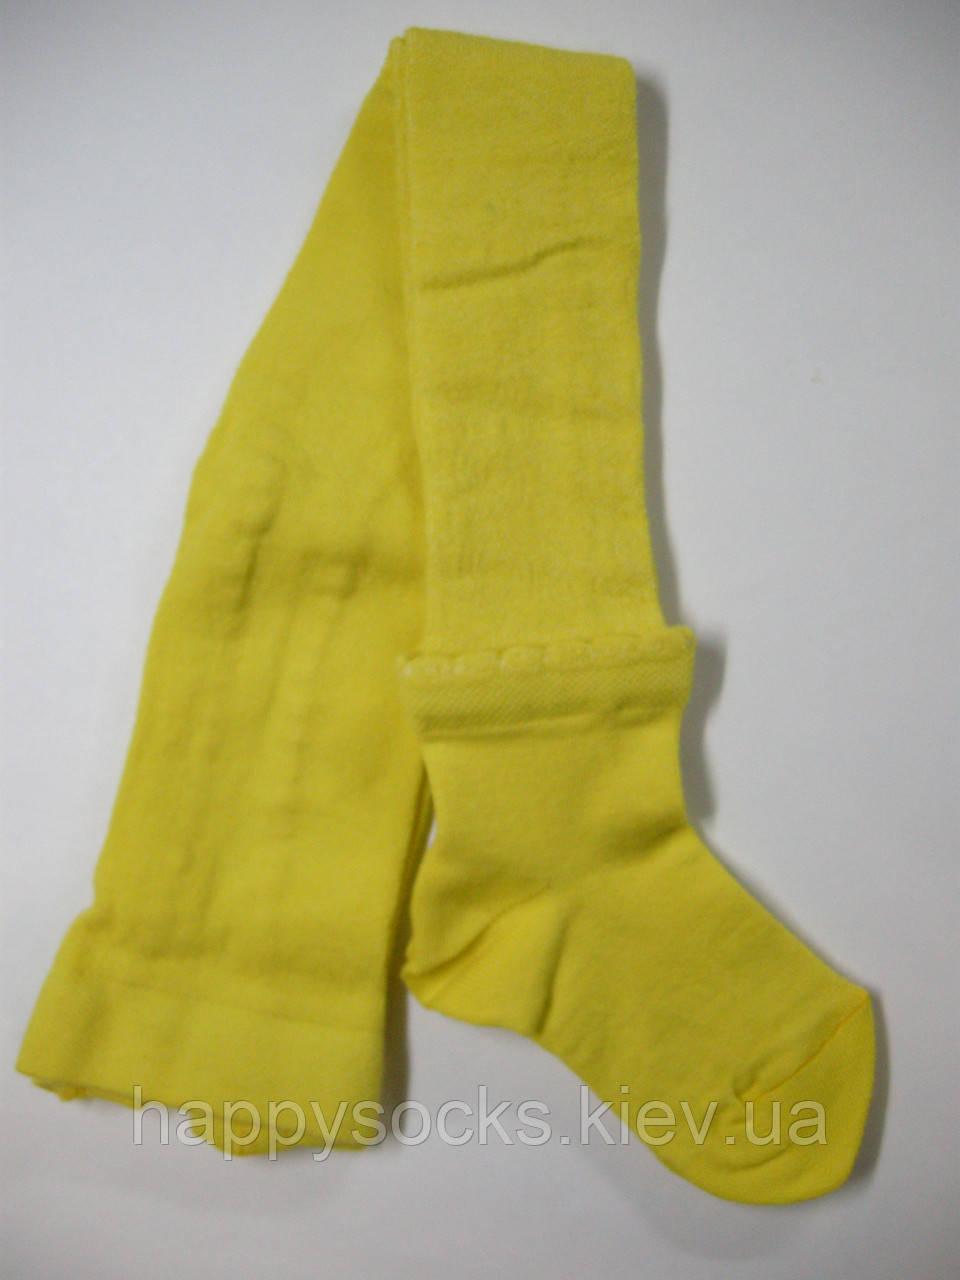 Ажурные детские колготки с имитацией носка